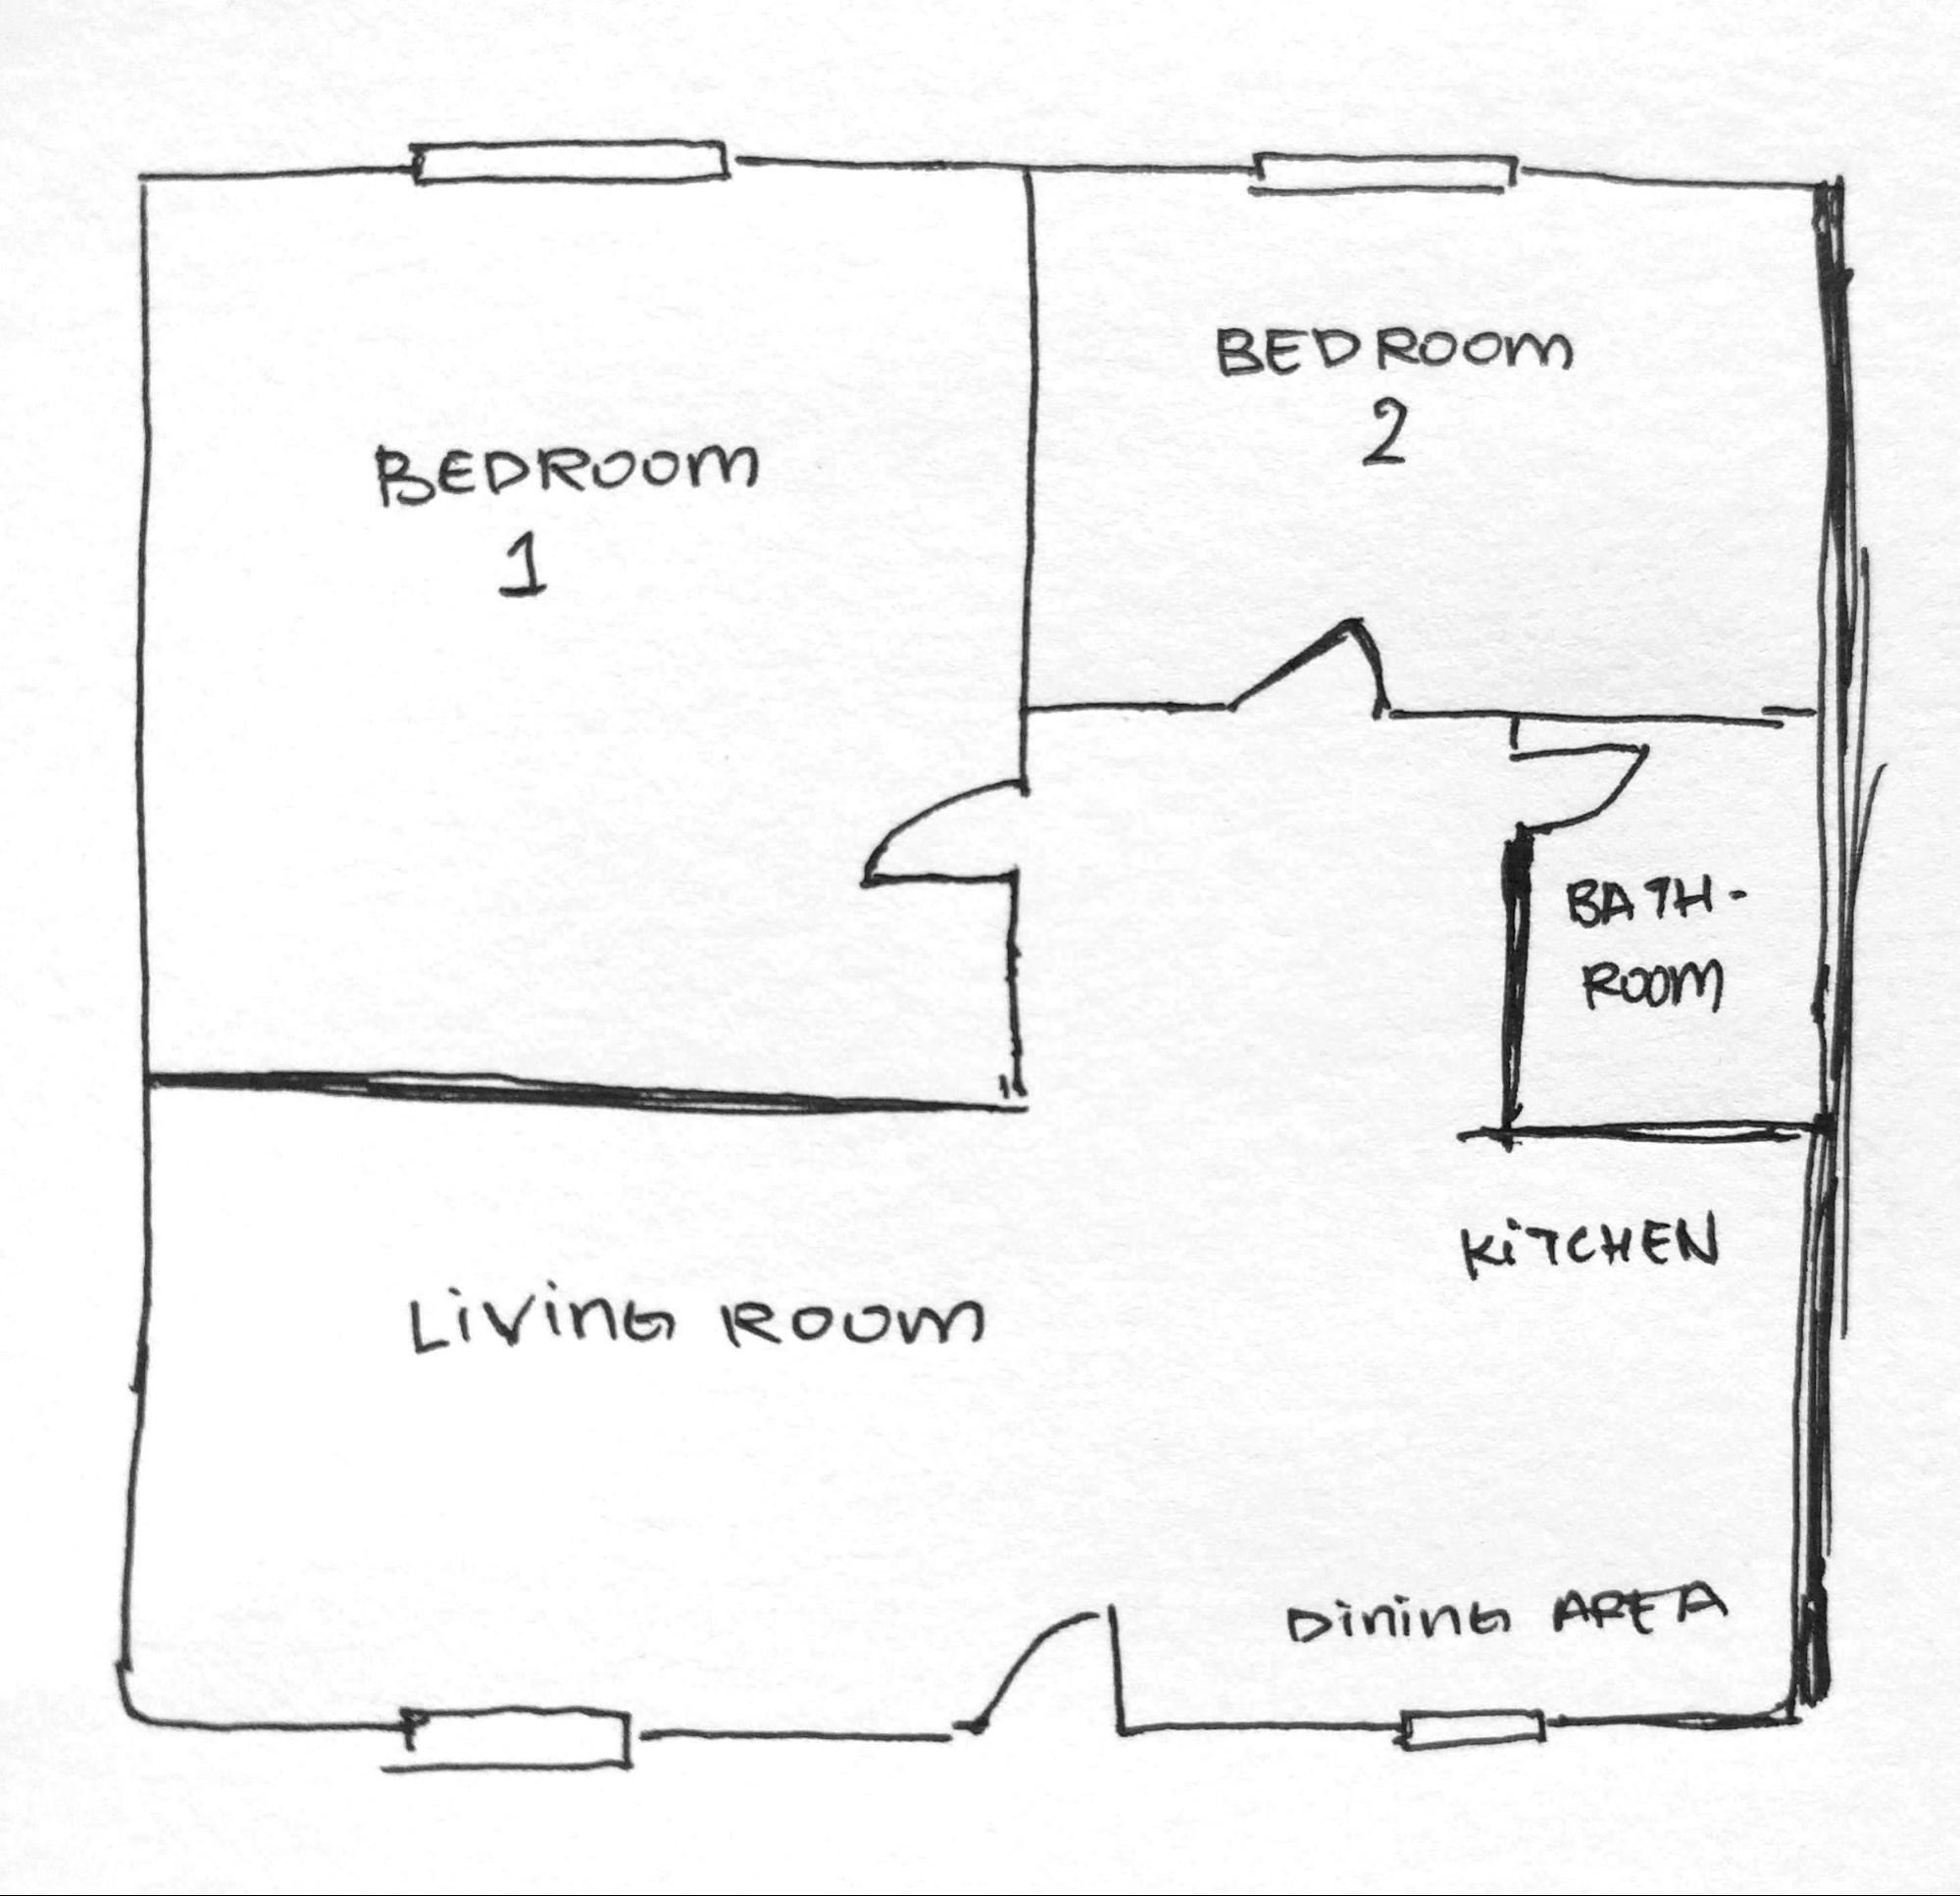 sketched floorplan